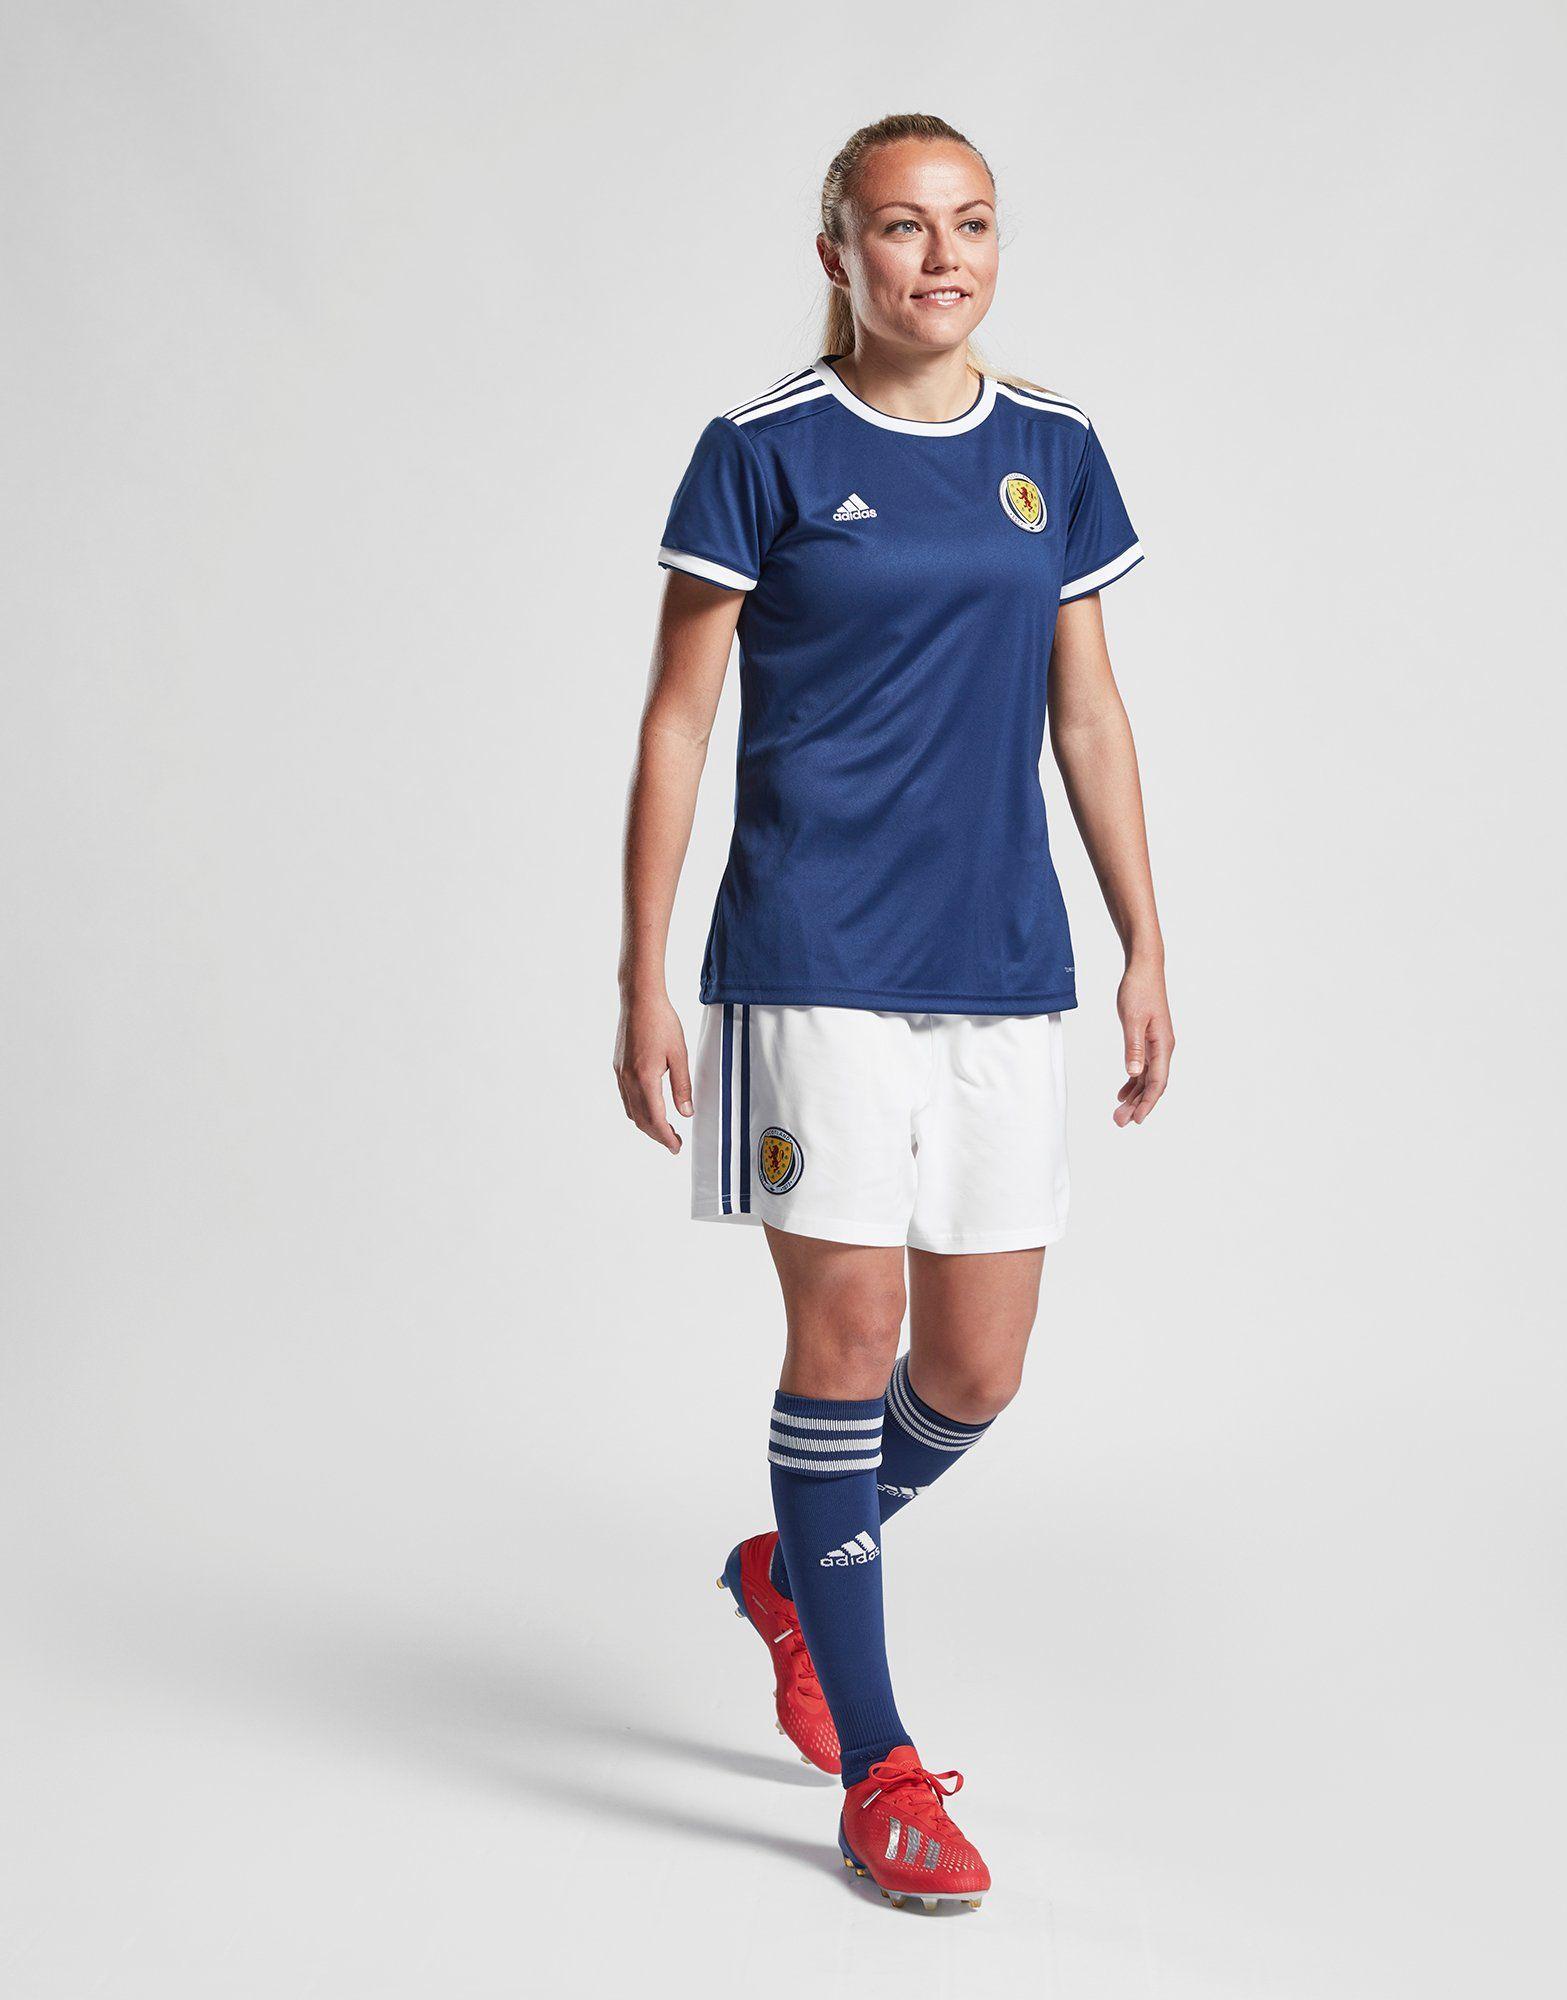 adidas Scotland WWC 2019 Home Shirt Women's PRE ORDER